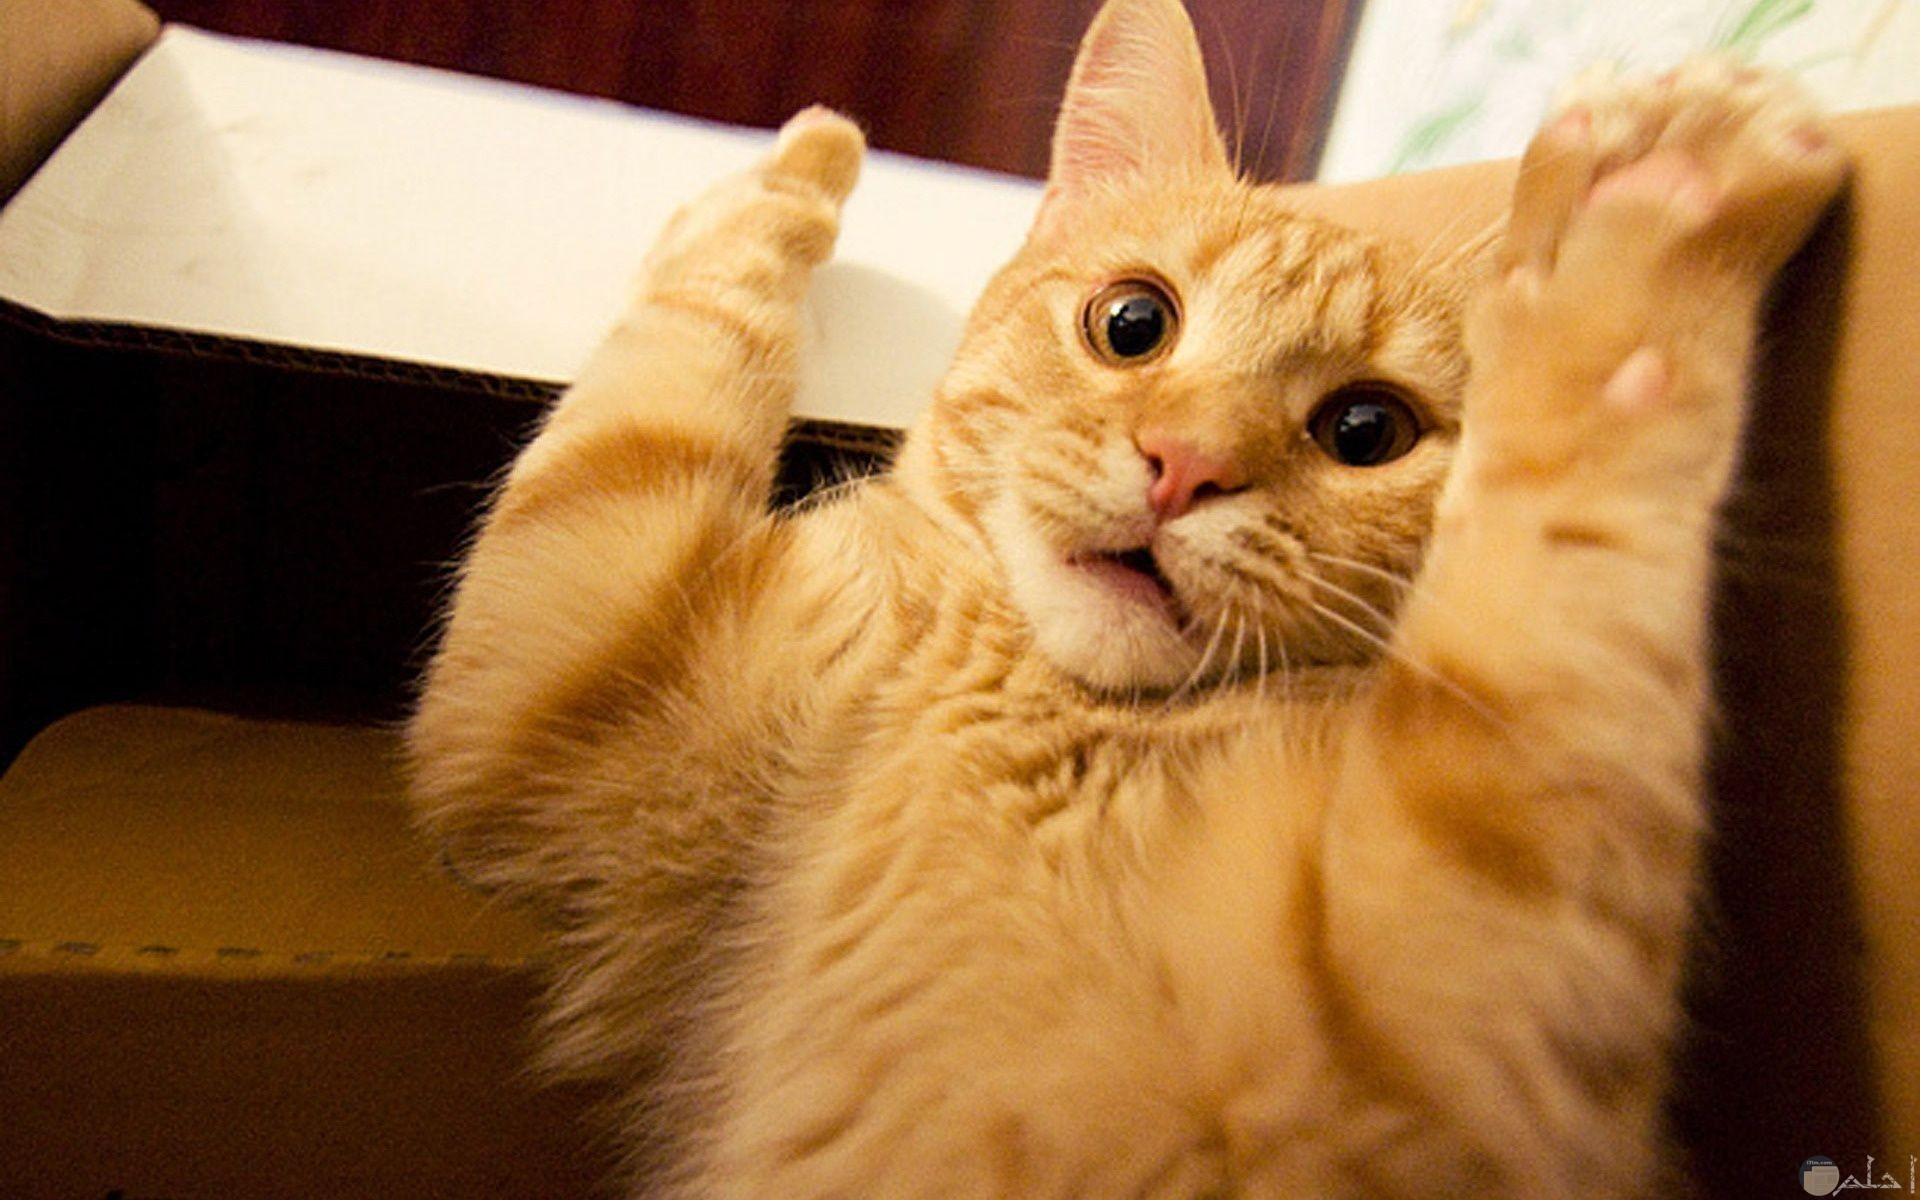 صورة فيس بوك مضحكة لقط مصدوم رافع يديه